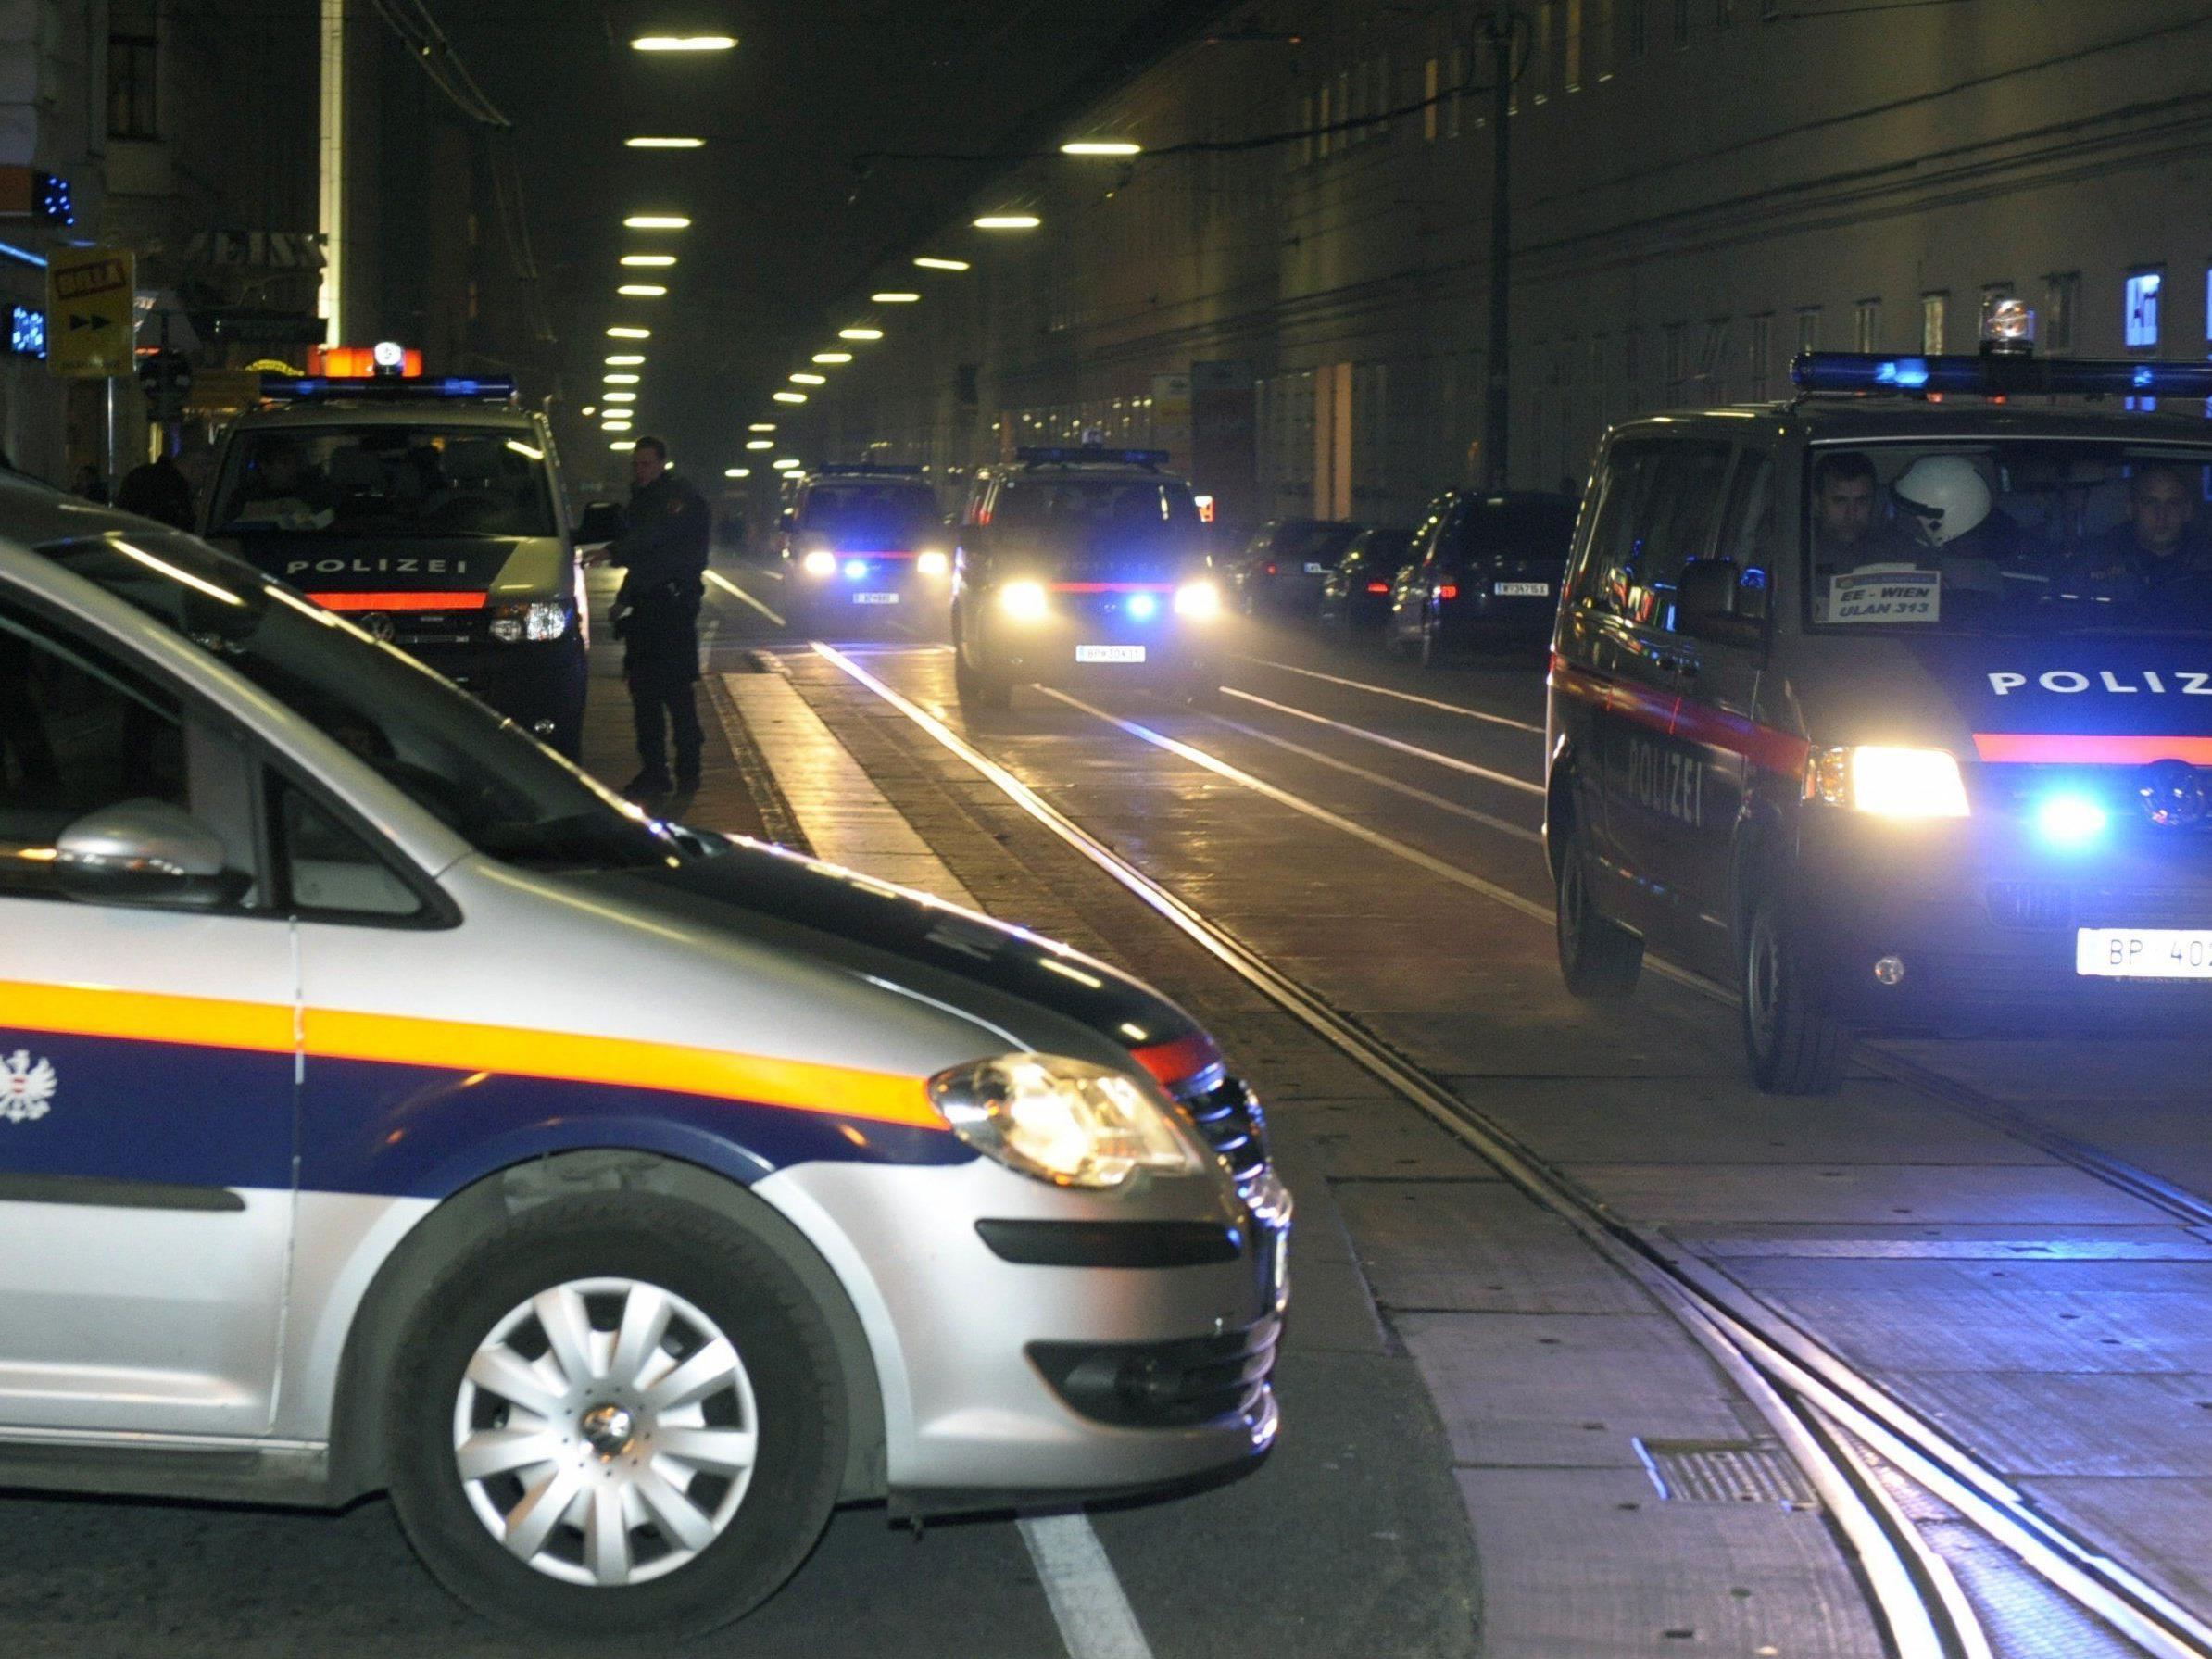 Wegen einer Demonstration kommt es am 7. Jänner zu Straßensperren